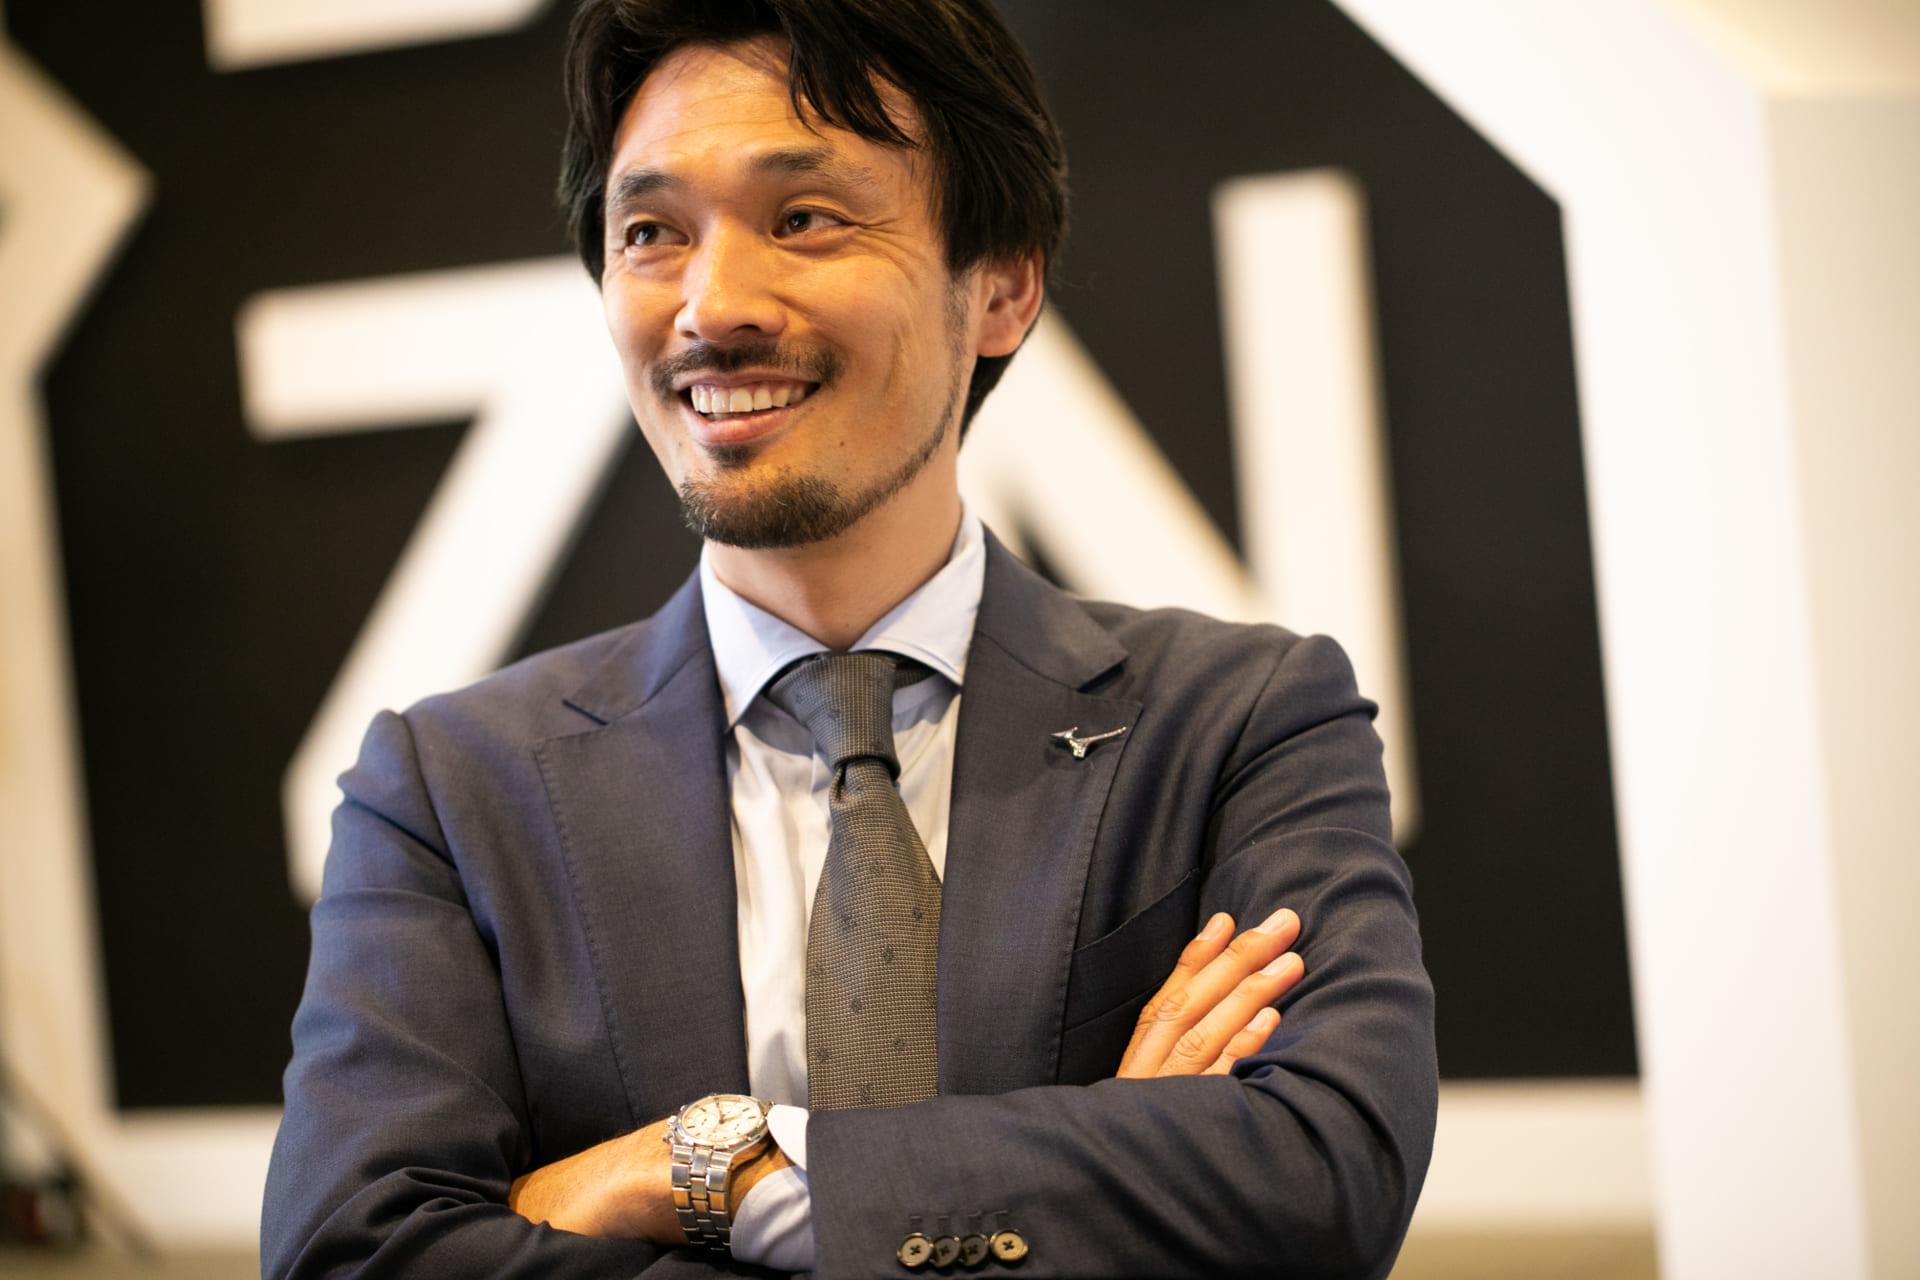 DAZNで解説を務めた戸田和幸氏